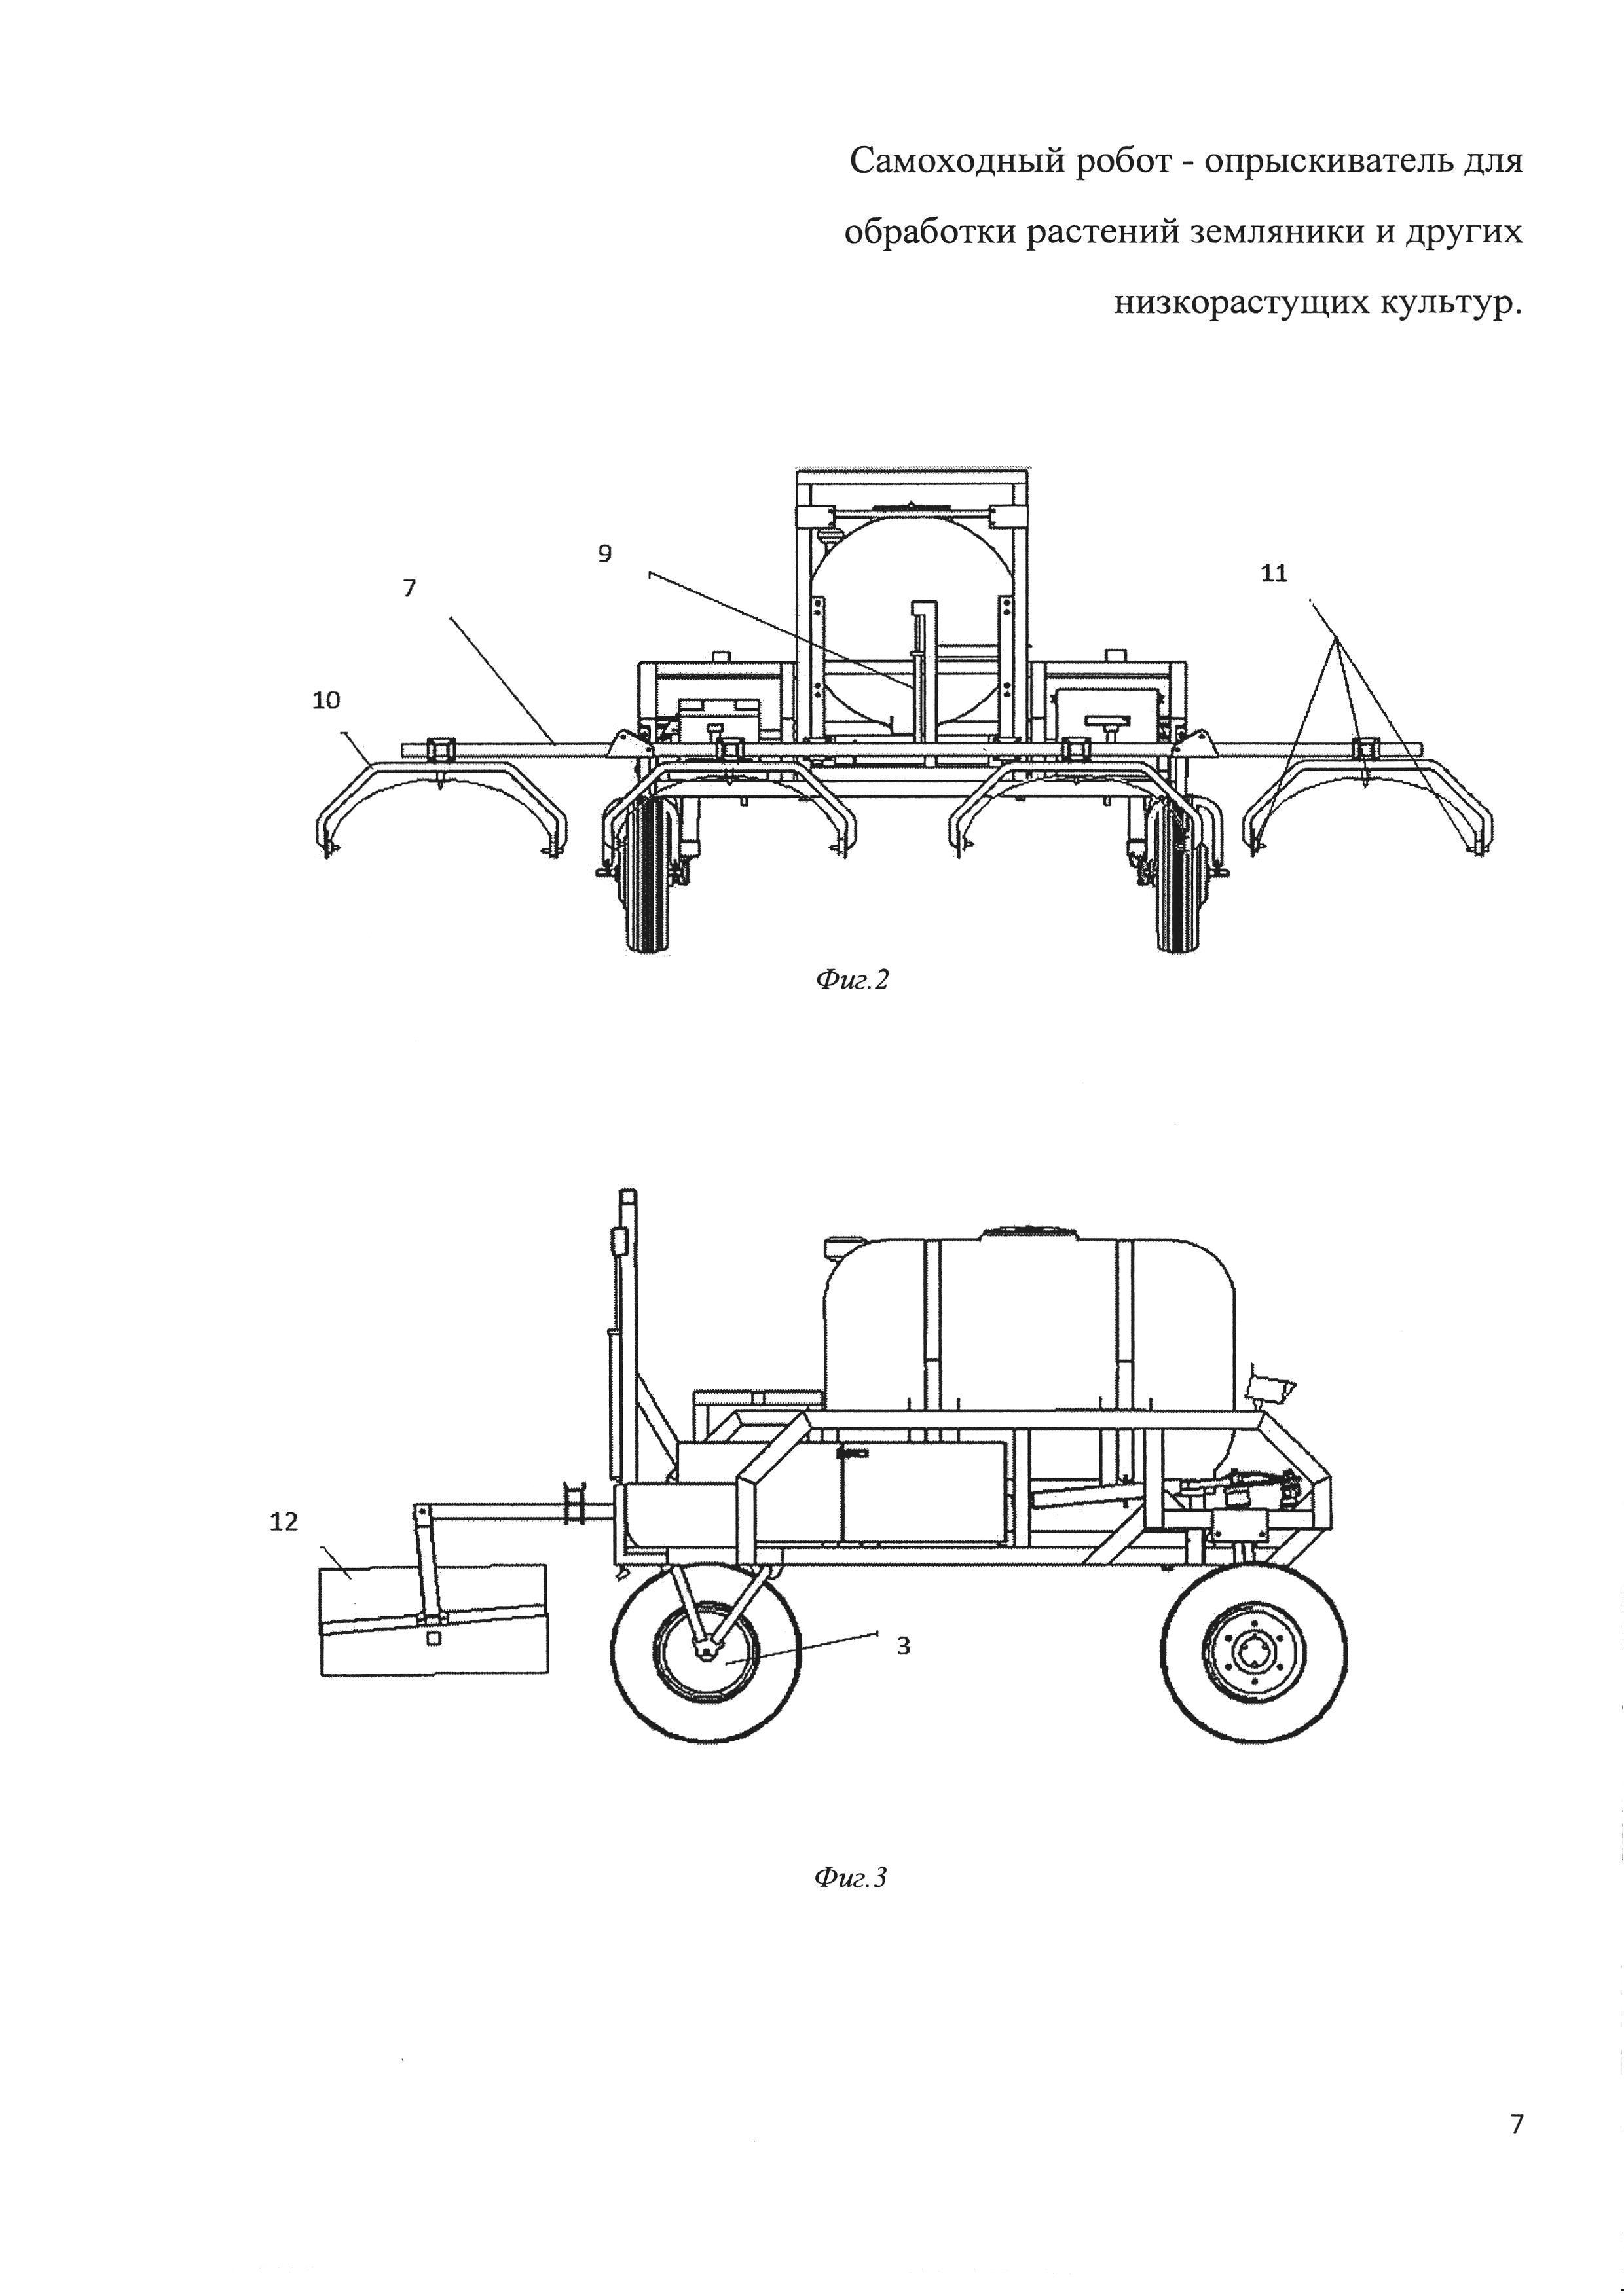 Самоходный робот-опрыскиватель для обработки растений земляники и других низкорастущих культур